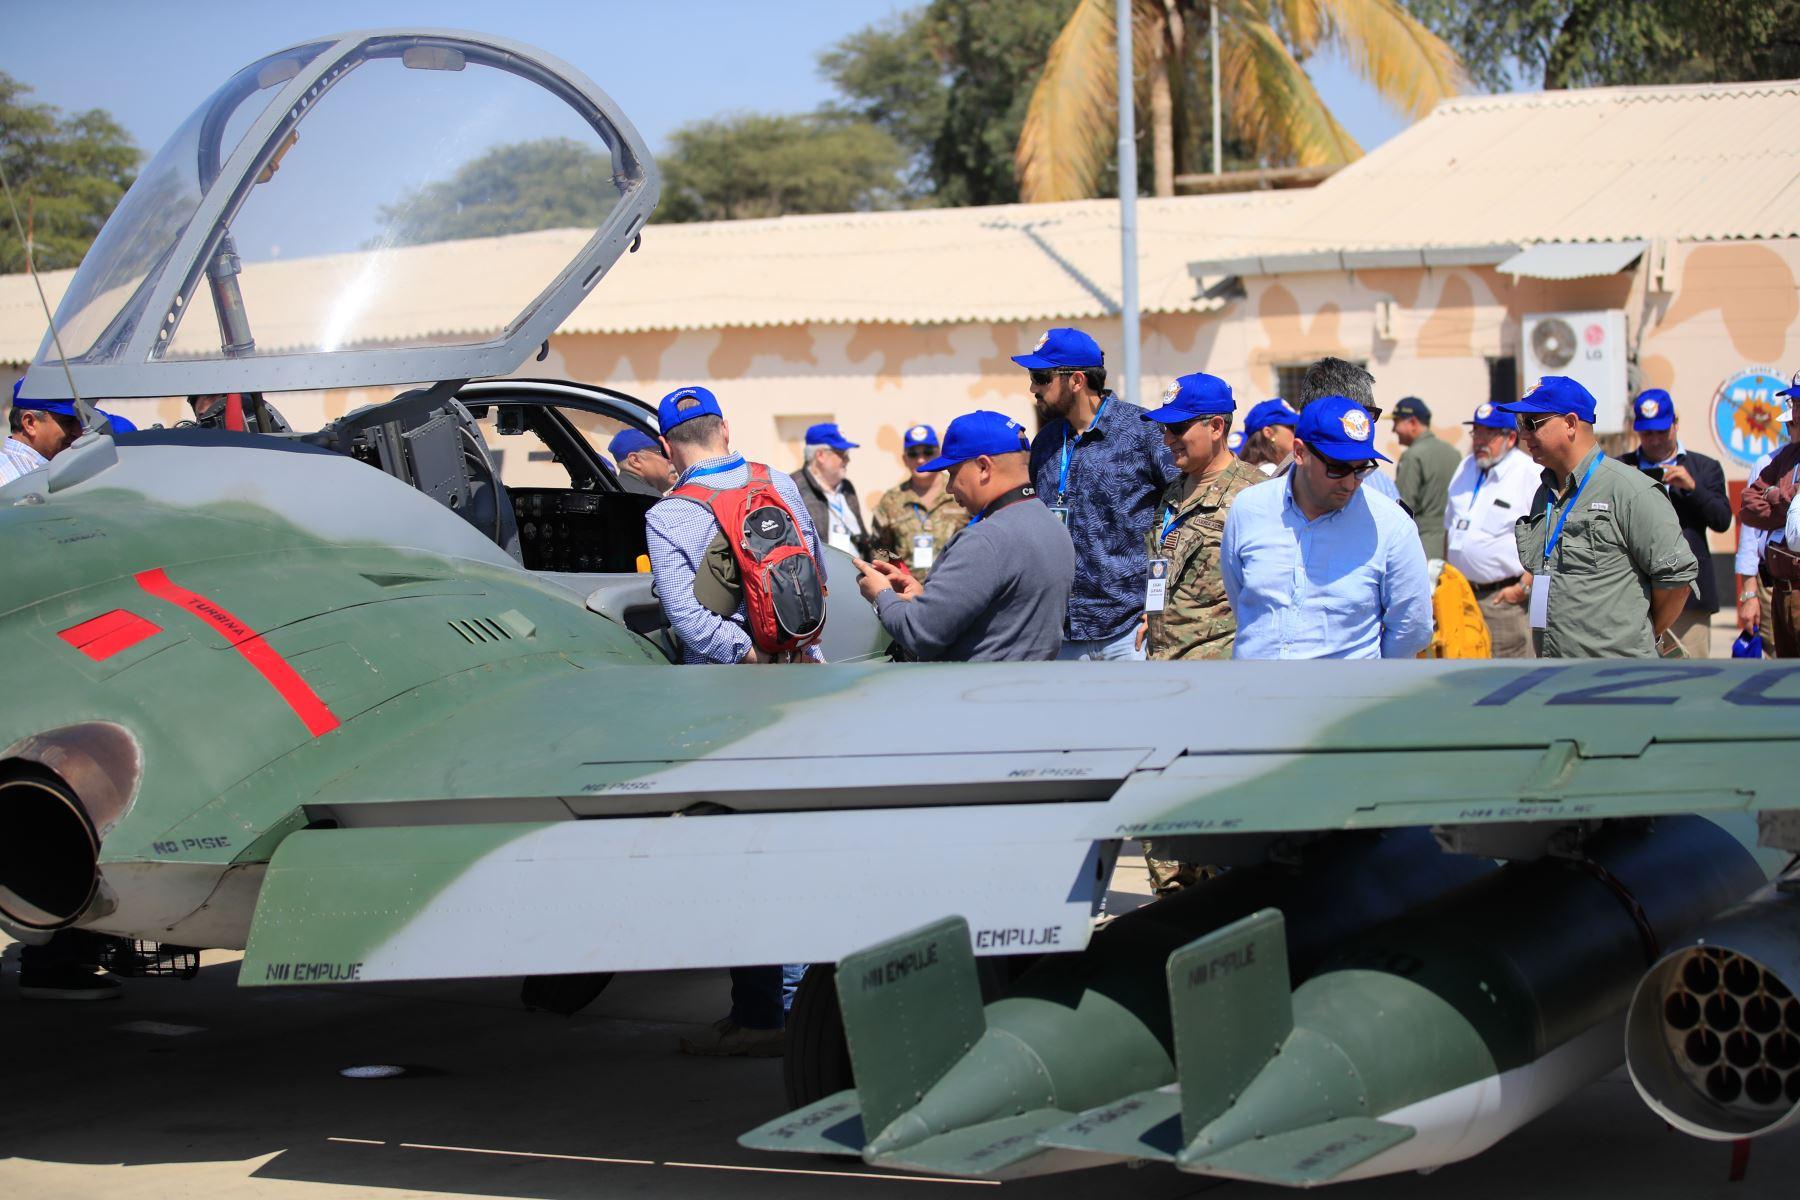 Ejercicios aéreos de la FAP, en el marco del PROGEPAC (programa de gestión estratégica aeroespacial y del ciberespacio) en Piura  Foto: ANDINA/Juan Carlos Guzmán Negrini.